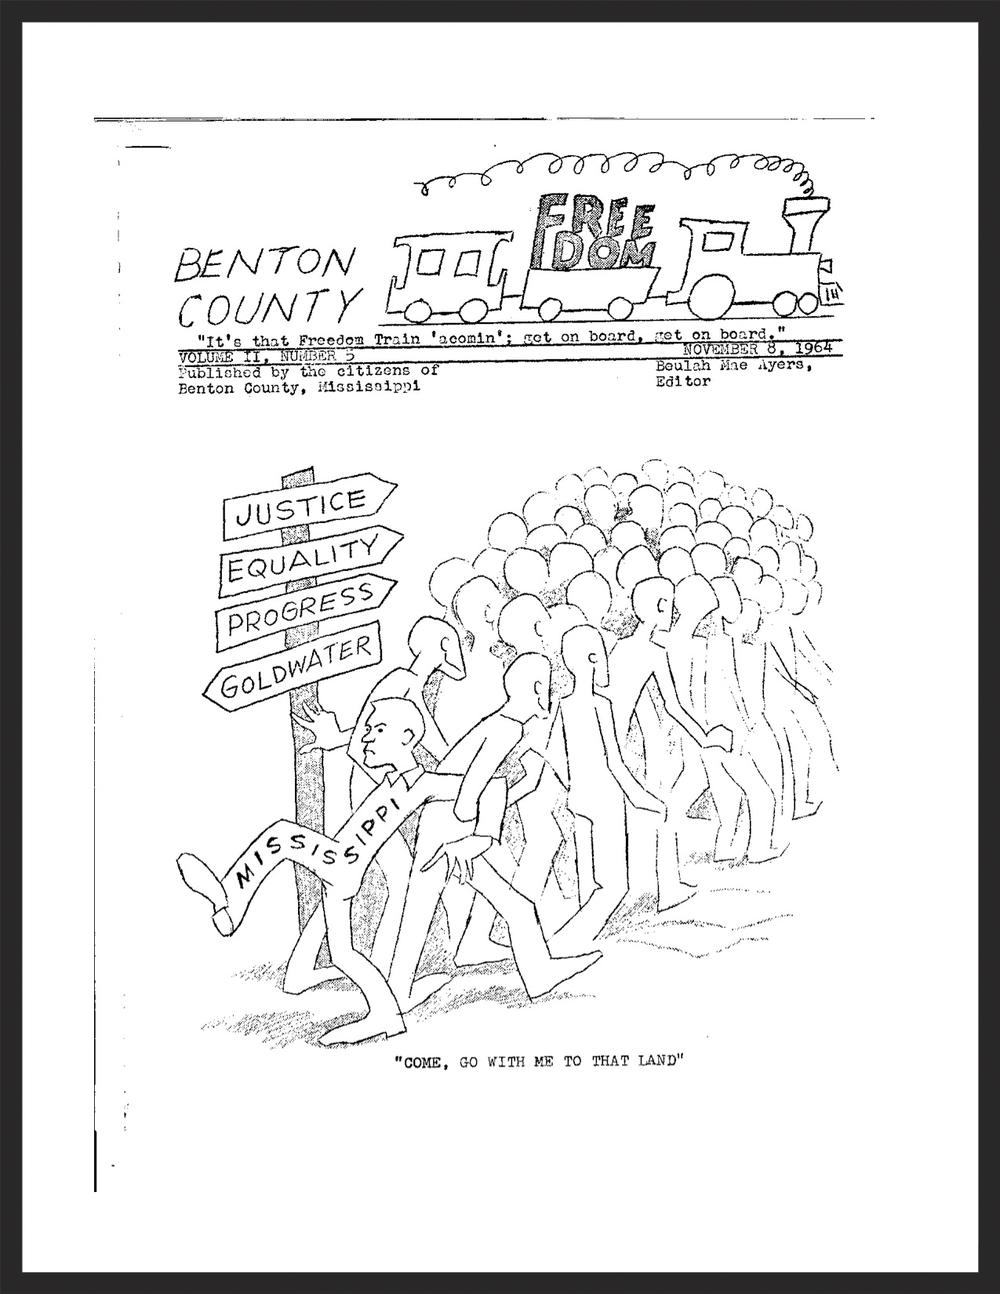 November 8, 1964